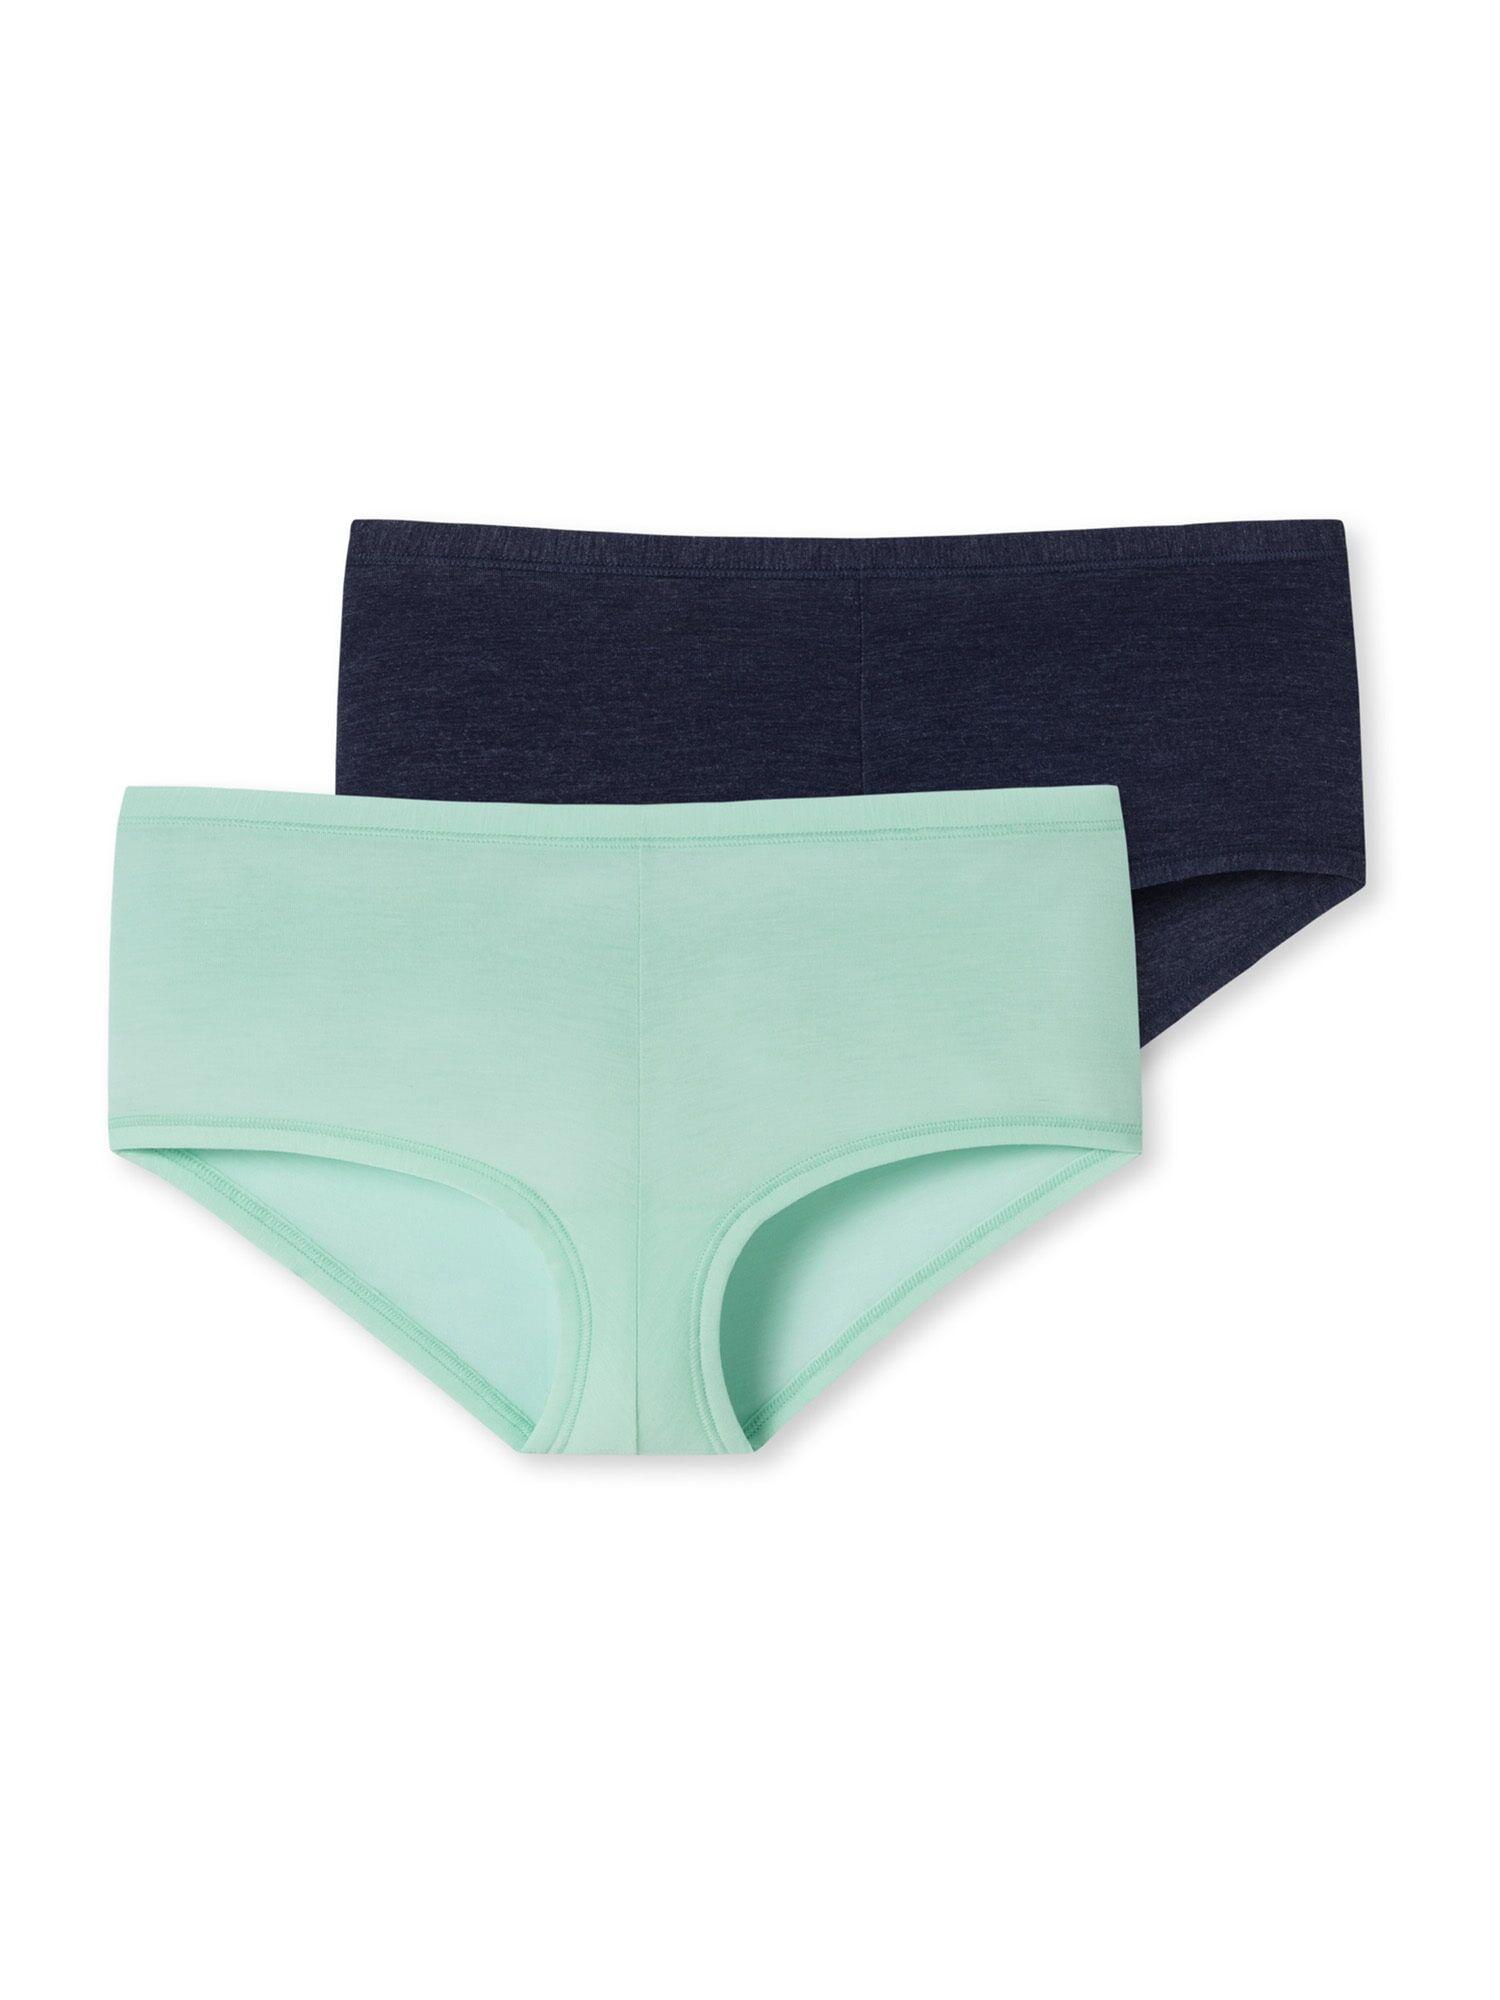 SCHIESSER Sous-vêtements ' Personal Fit '  - Vert, Bleu - Taille: 152 - girl